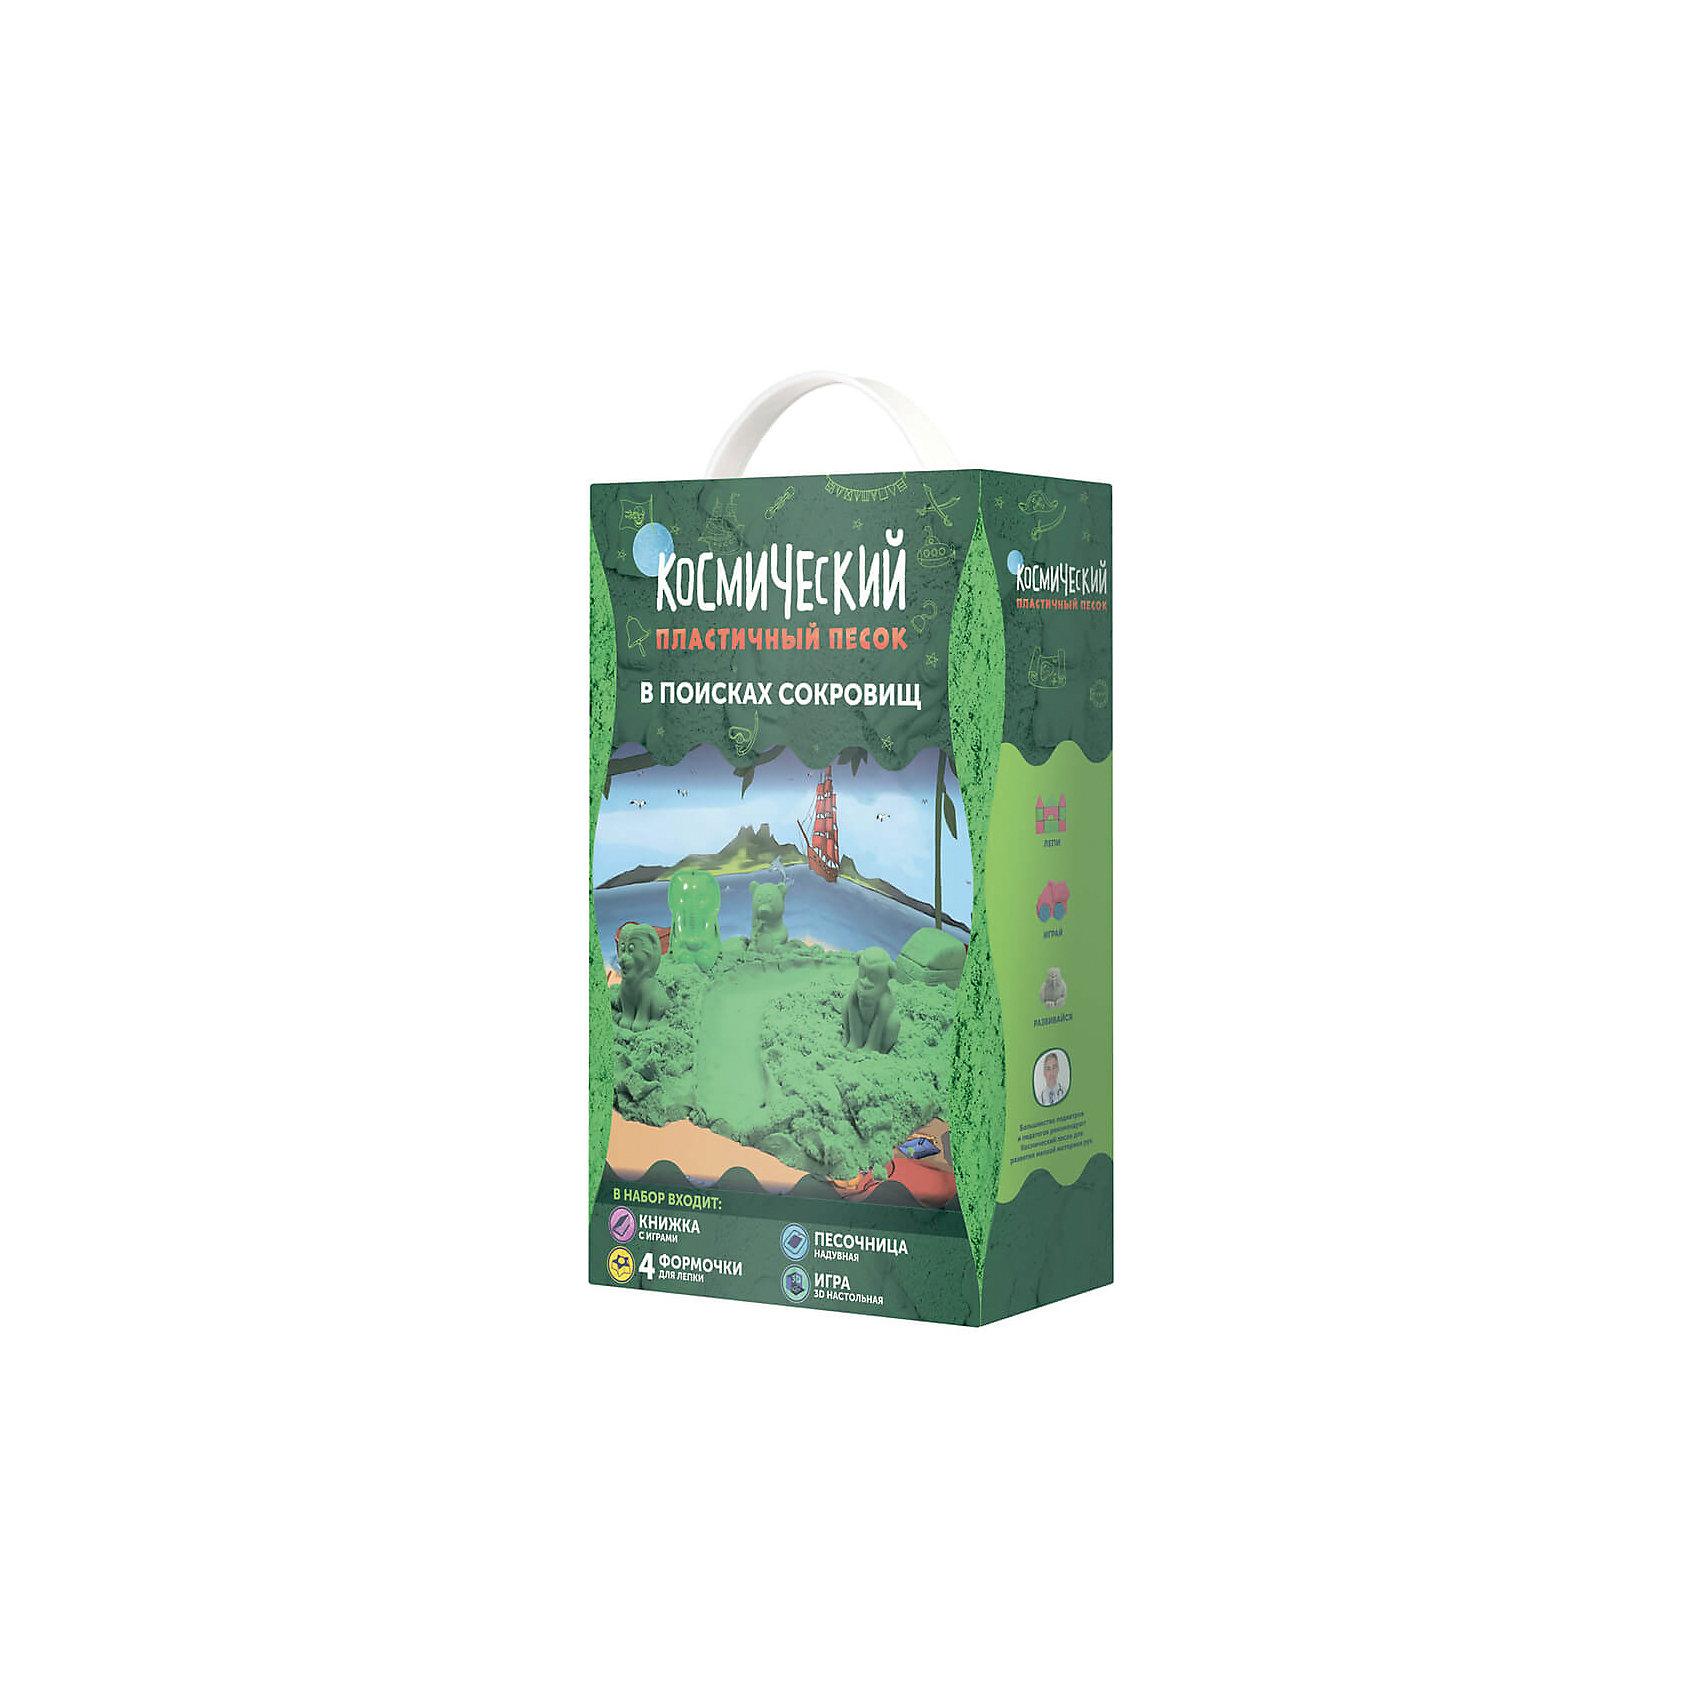 Набор В поисках сокровищ 3 кг, Космический песокХарактеристики товара:<br><br>• цвет: разноцветный<br>• размер упаковки: 16x30x8 см<br>• вес: 3500 г<br>• комплектация: большая надувная песочница, 3 кг песка розового цвета, 4 формы для лепки, трехмерная настольная игра, книжка с развивающими играми и пошаговыми инструкциями<br>• подходит для игр дома<br>• возраст: от двух лет<br>• упаковка: коробка<br>• страна бренда: РФ<br>• страна изготовитель: РФ<br><br>Такой набор станет отличным подарком ребенку - ведь с помощью кинетического песка можно создавать фигуры легко и весело! В набор входят целых три килограмма песка и набор для игры с ним дома. Песок легко принимает нужную форму и так же легко распадается на песчинки. Играть можно бесконечно! Песок легко собирается, не красится и оставляет пятен на одежде.<br>Детям очень нравится что-то делать своими руками. Кроме того, творчество помогает детям развивать важные навыки и способности, оно активизирует мышление, формирует усидчивость, творческие способности, мелкую моторику и воображение. Изделие производится из качественных и проверенных материалов, которые безопасны для детей.<br><br>Набор В поисках сокровищ 3 кг, от бренда Космический песок можно купить в нашем интернет-магазине.<br><br>Ширина мм: 160<br>Глубина мм: 85<br>Высота мм: 300<br>Вес г: 3500<br>Возраст от месяцев: 36<br>Возраст до месяцев: 84<br>Пол: Унисекс<br>Возраст: Детский<br>SKU: 5168934